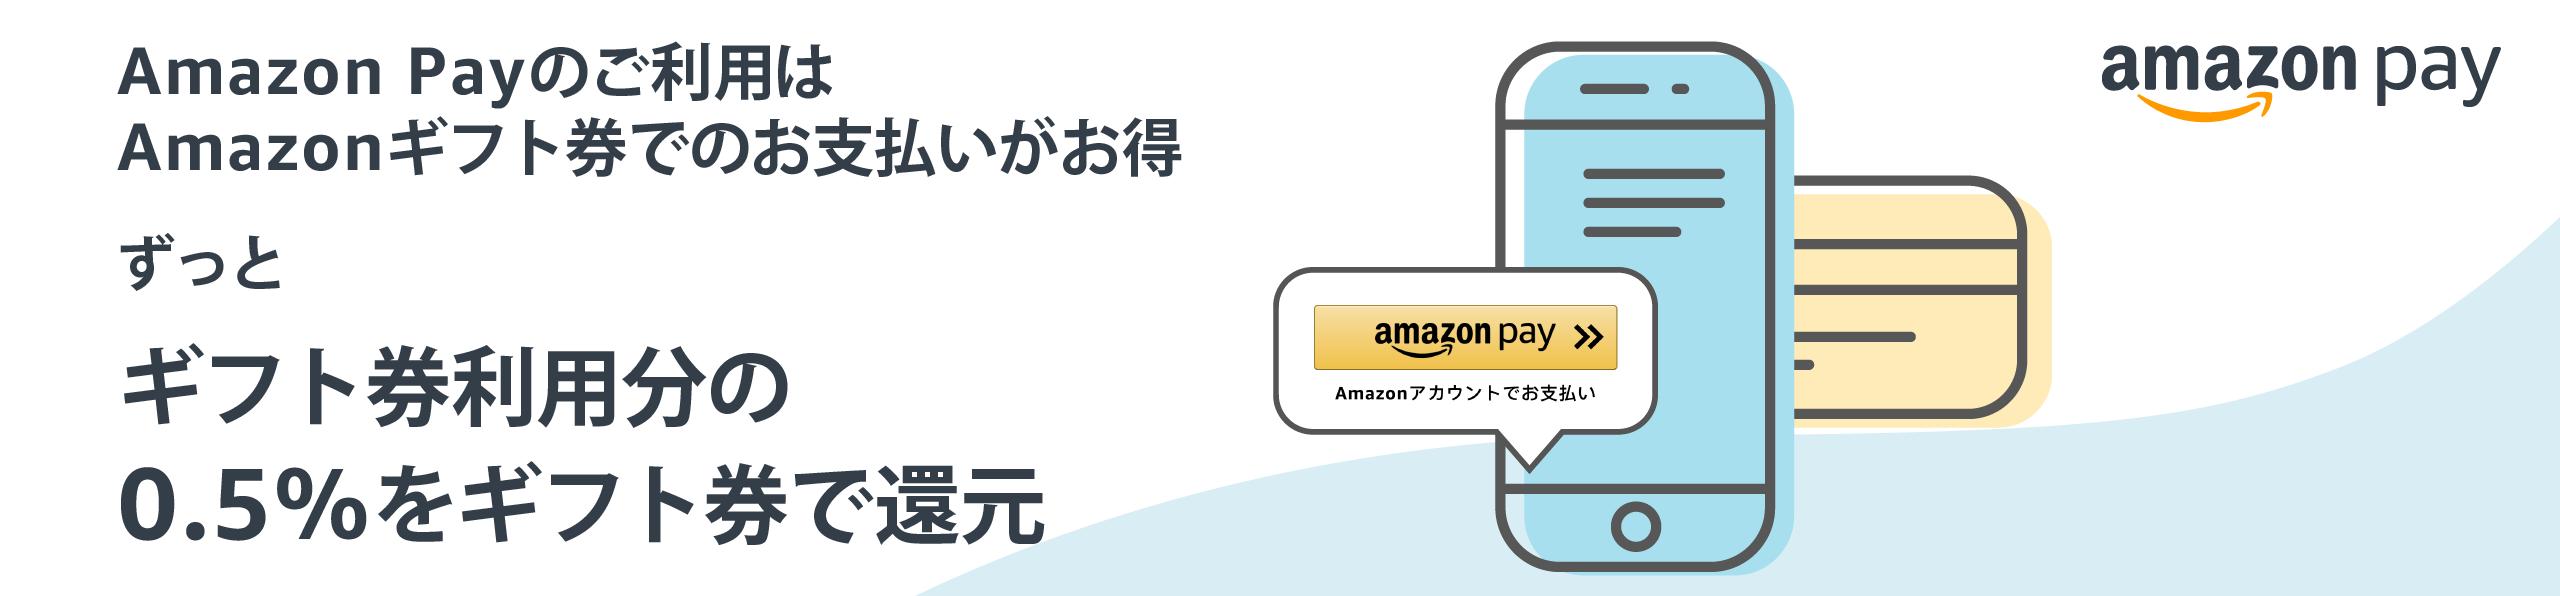 Amazon Payのご利用はAmazonギフト券でのお支払いがお得